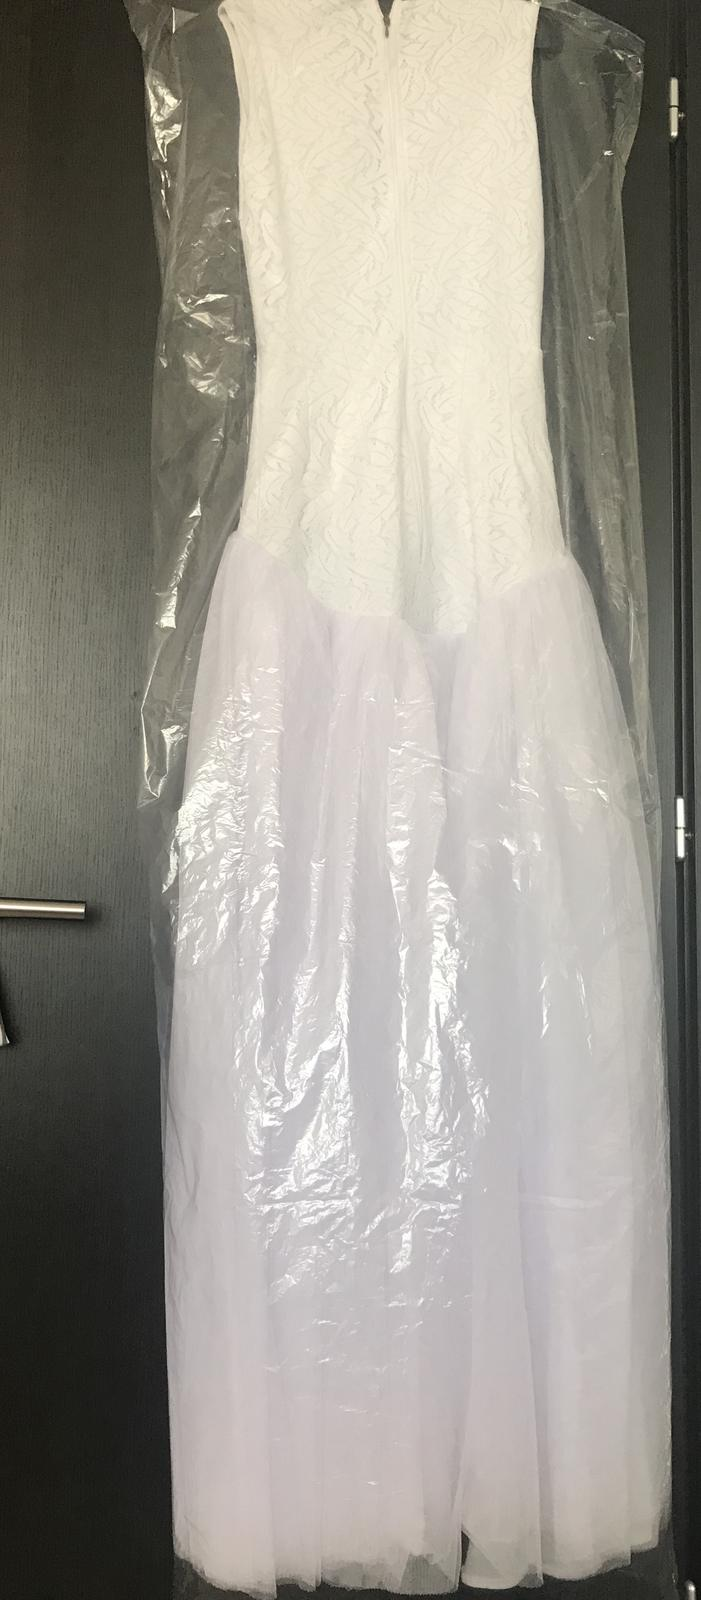 Sugarbird šaty - Obrázok č. 4